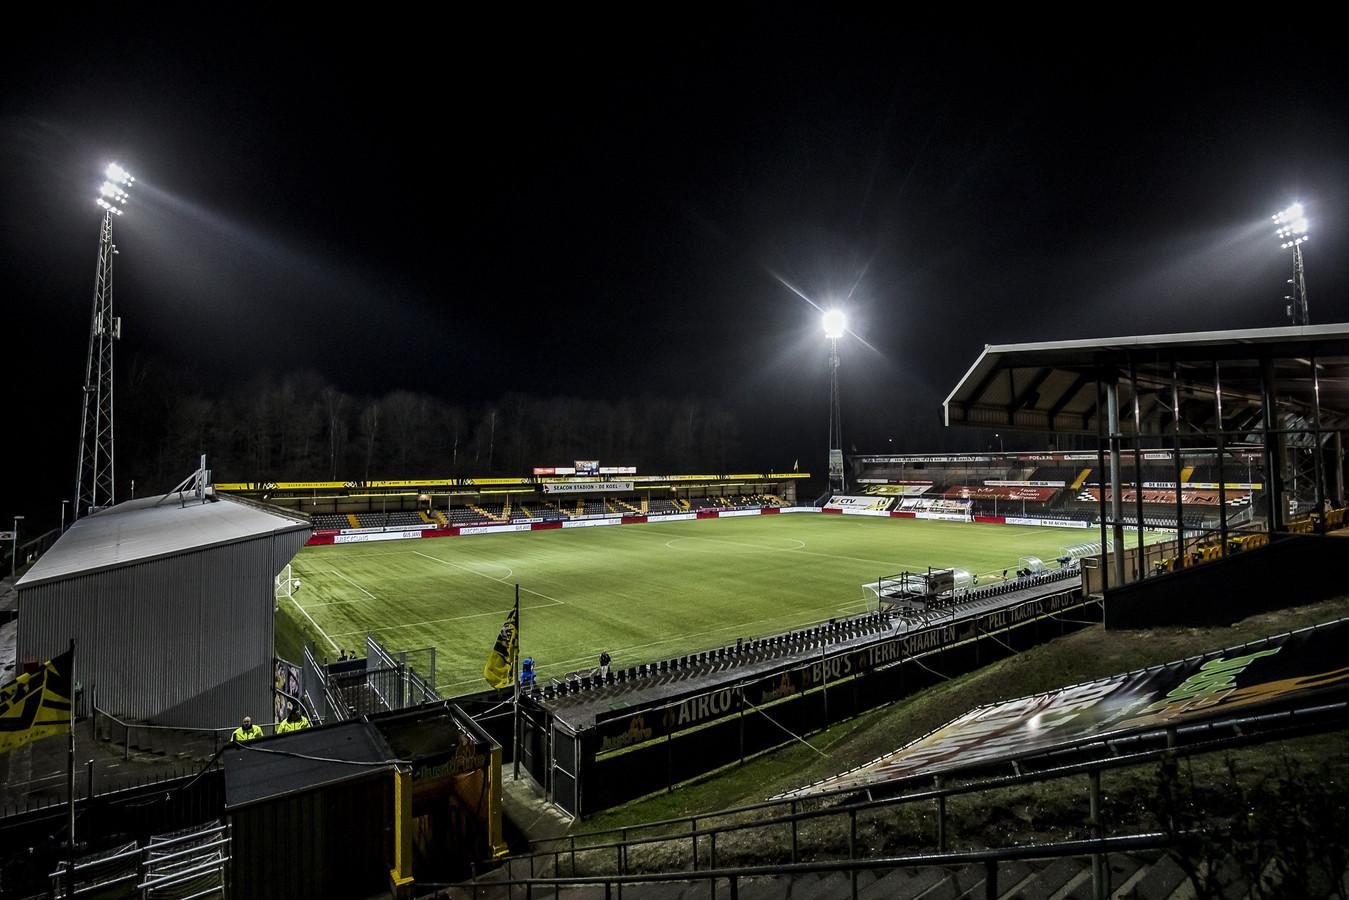 De Koel, waar VVV-Venlo vanmiddag Ajax ontvangt.